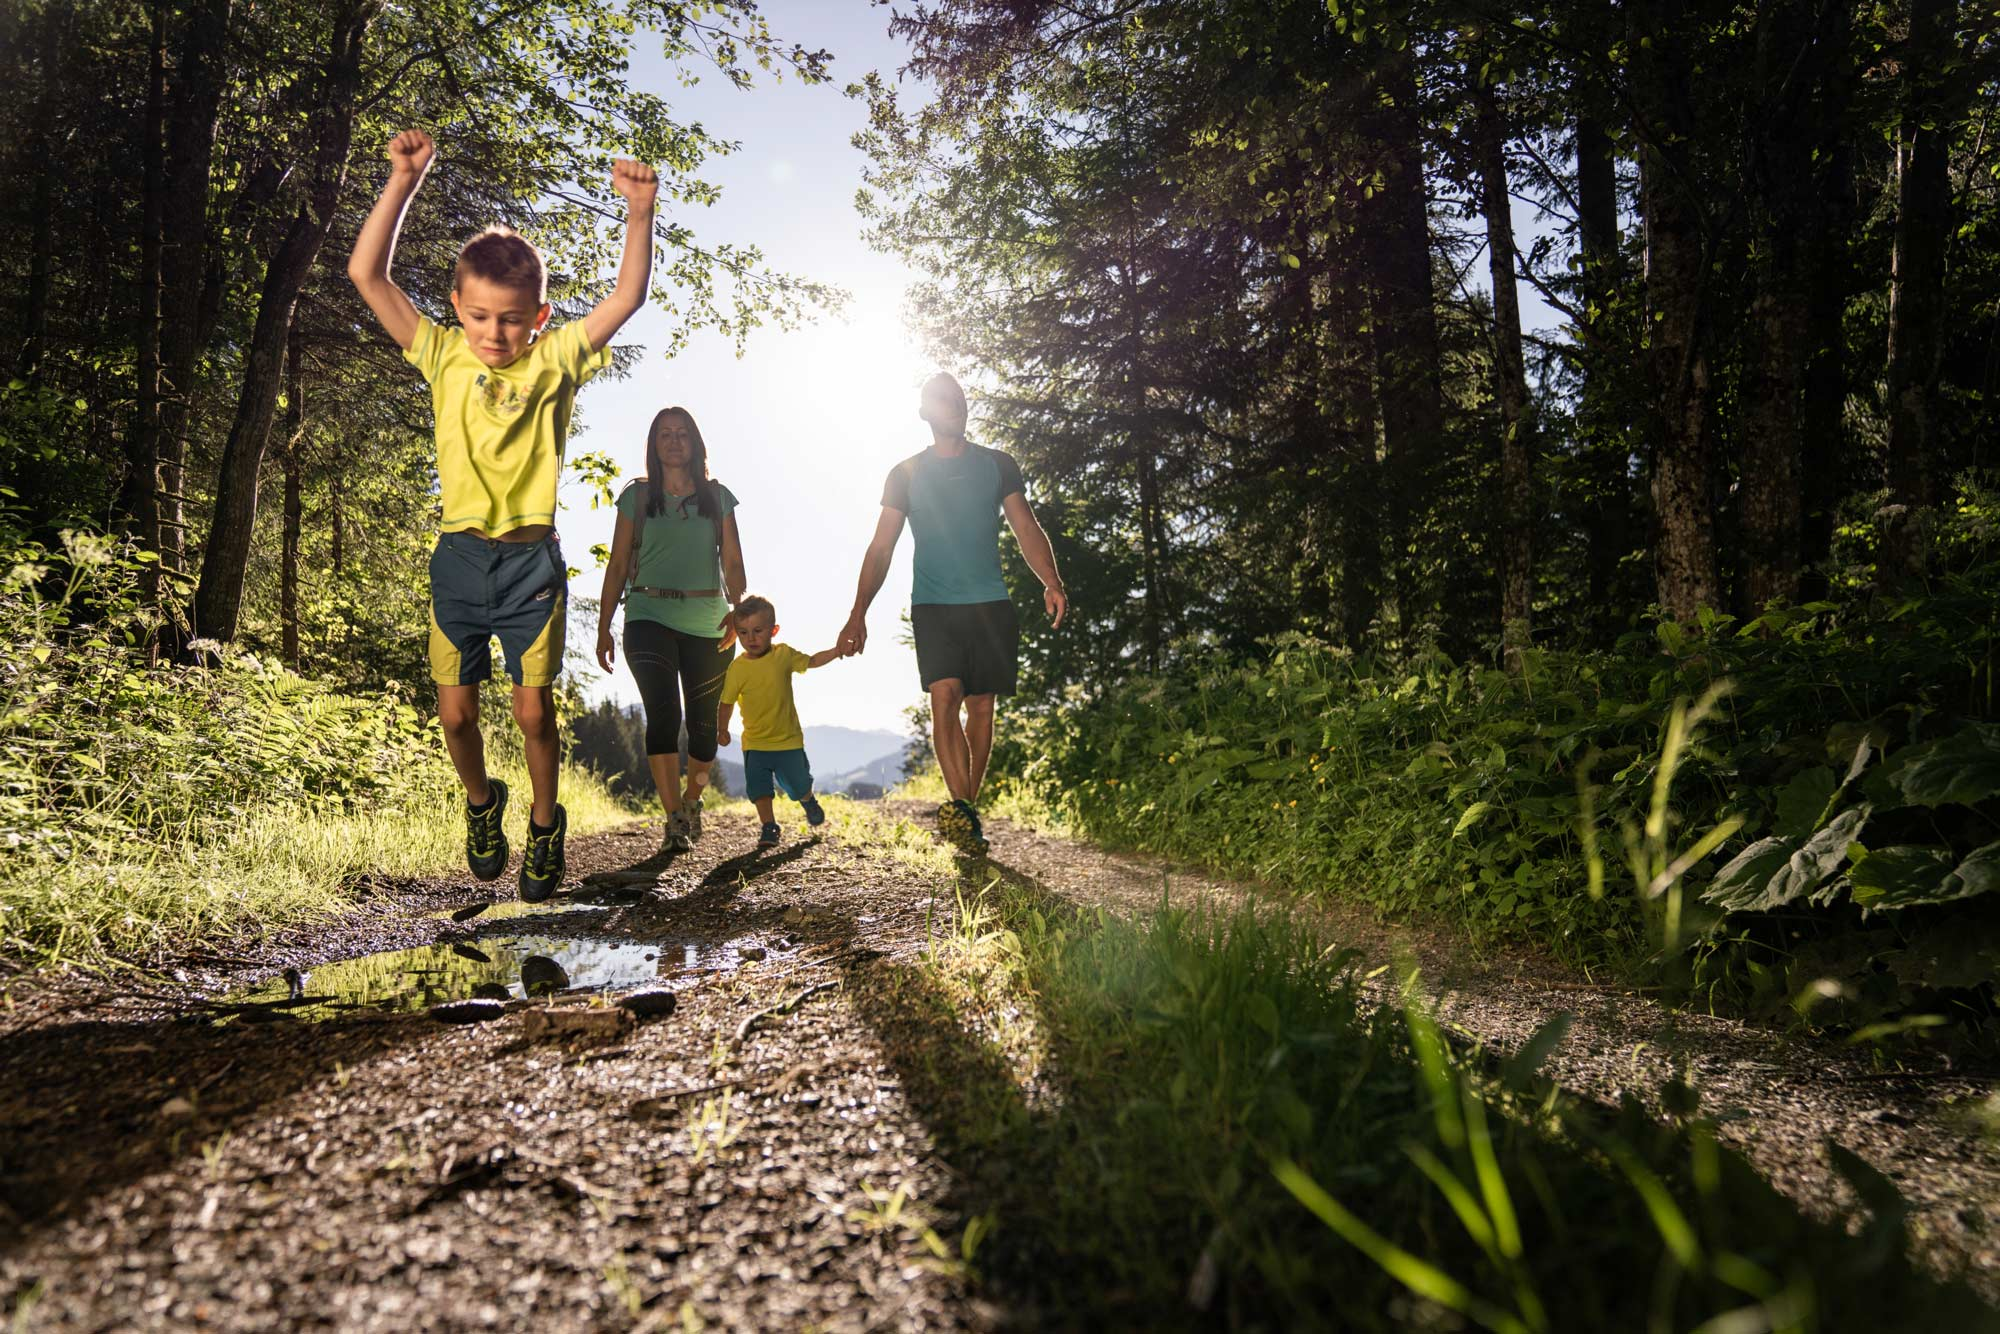 Eine Familie beim Wandern. Ein Junge springt über eine Pfütze.